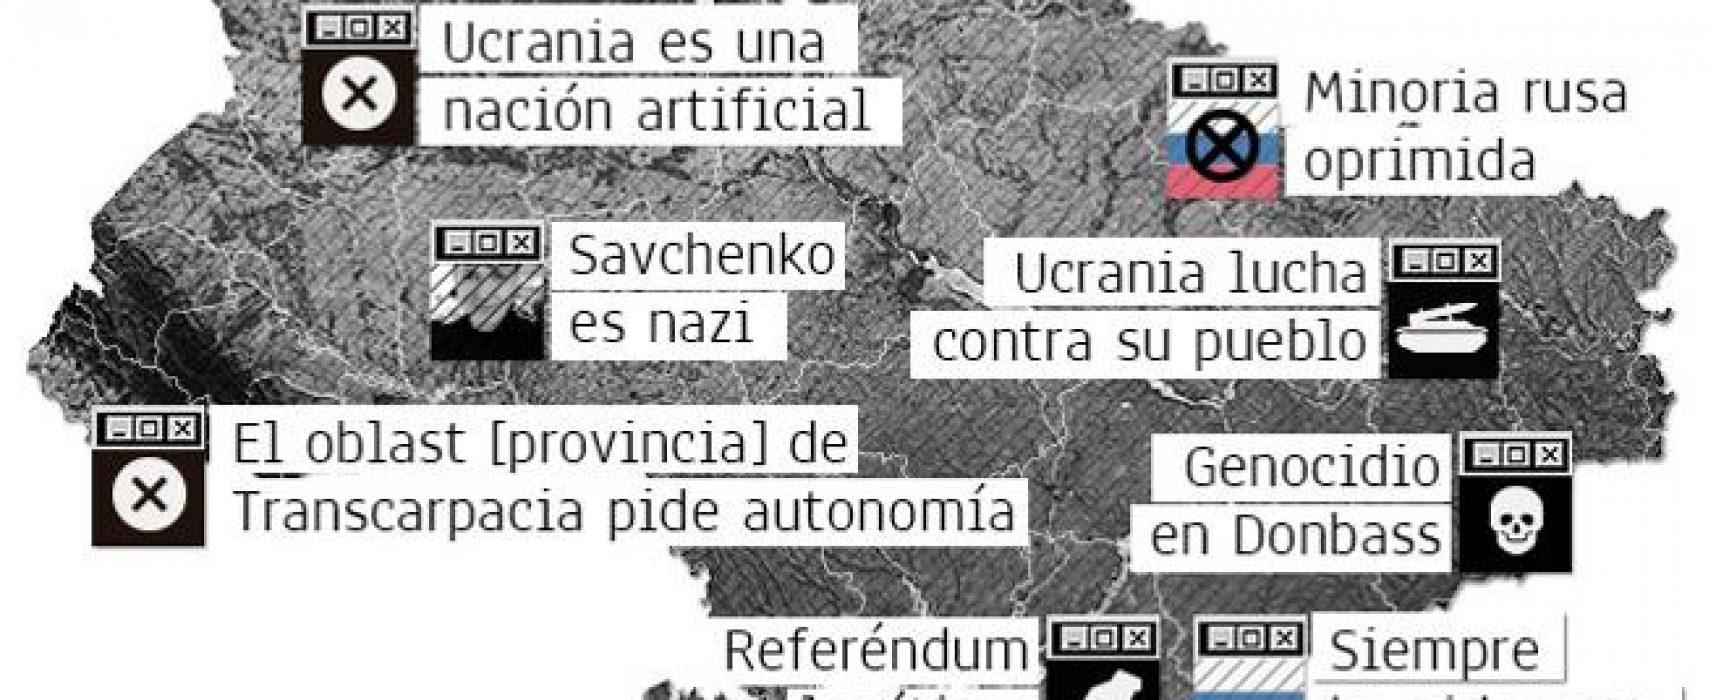 La Vanguardia: La célula de la UE que destapa las 'fake news' de Rusia